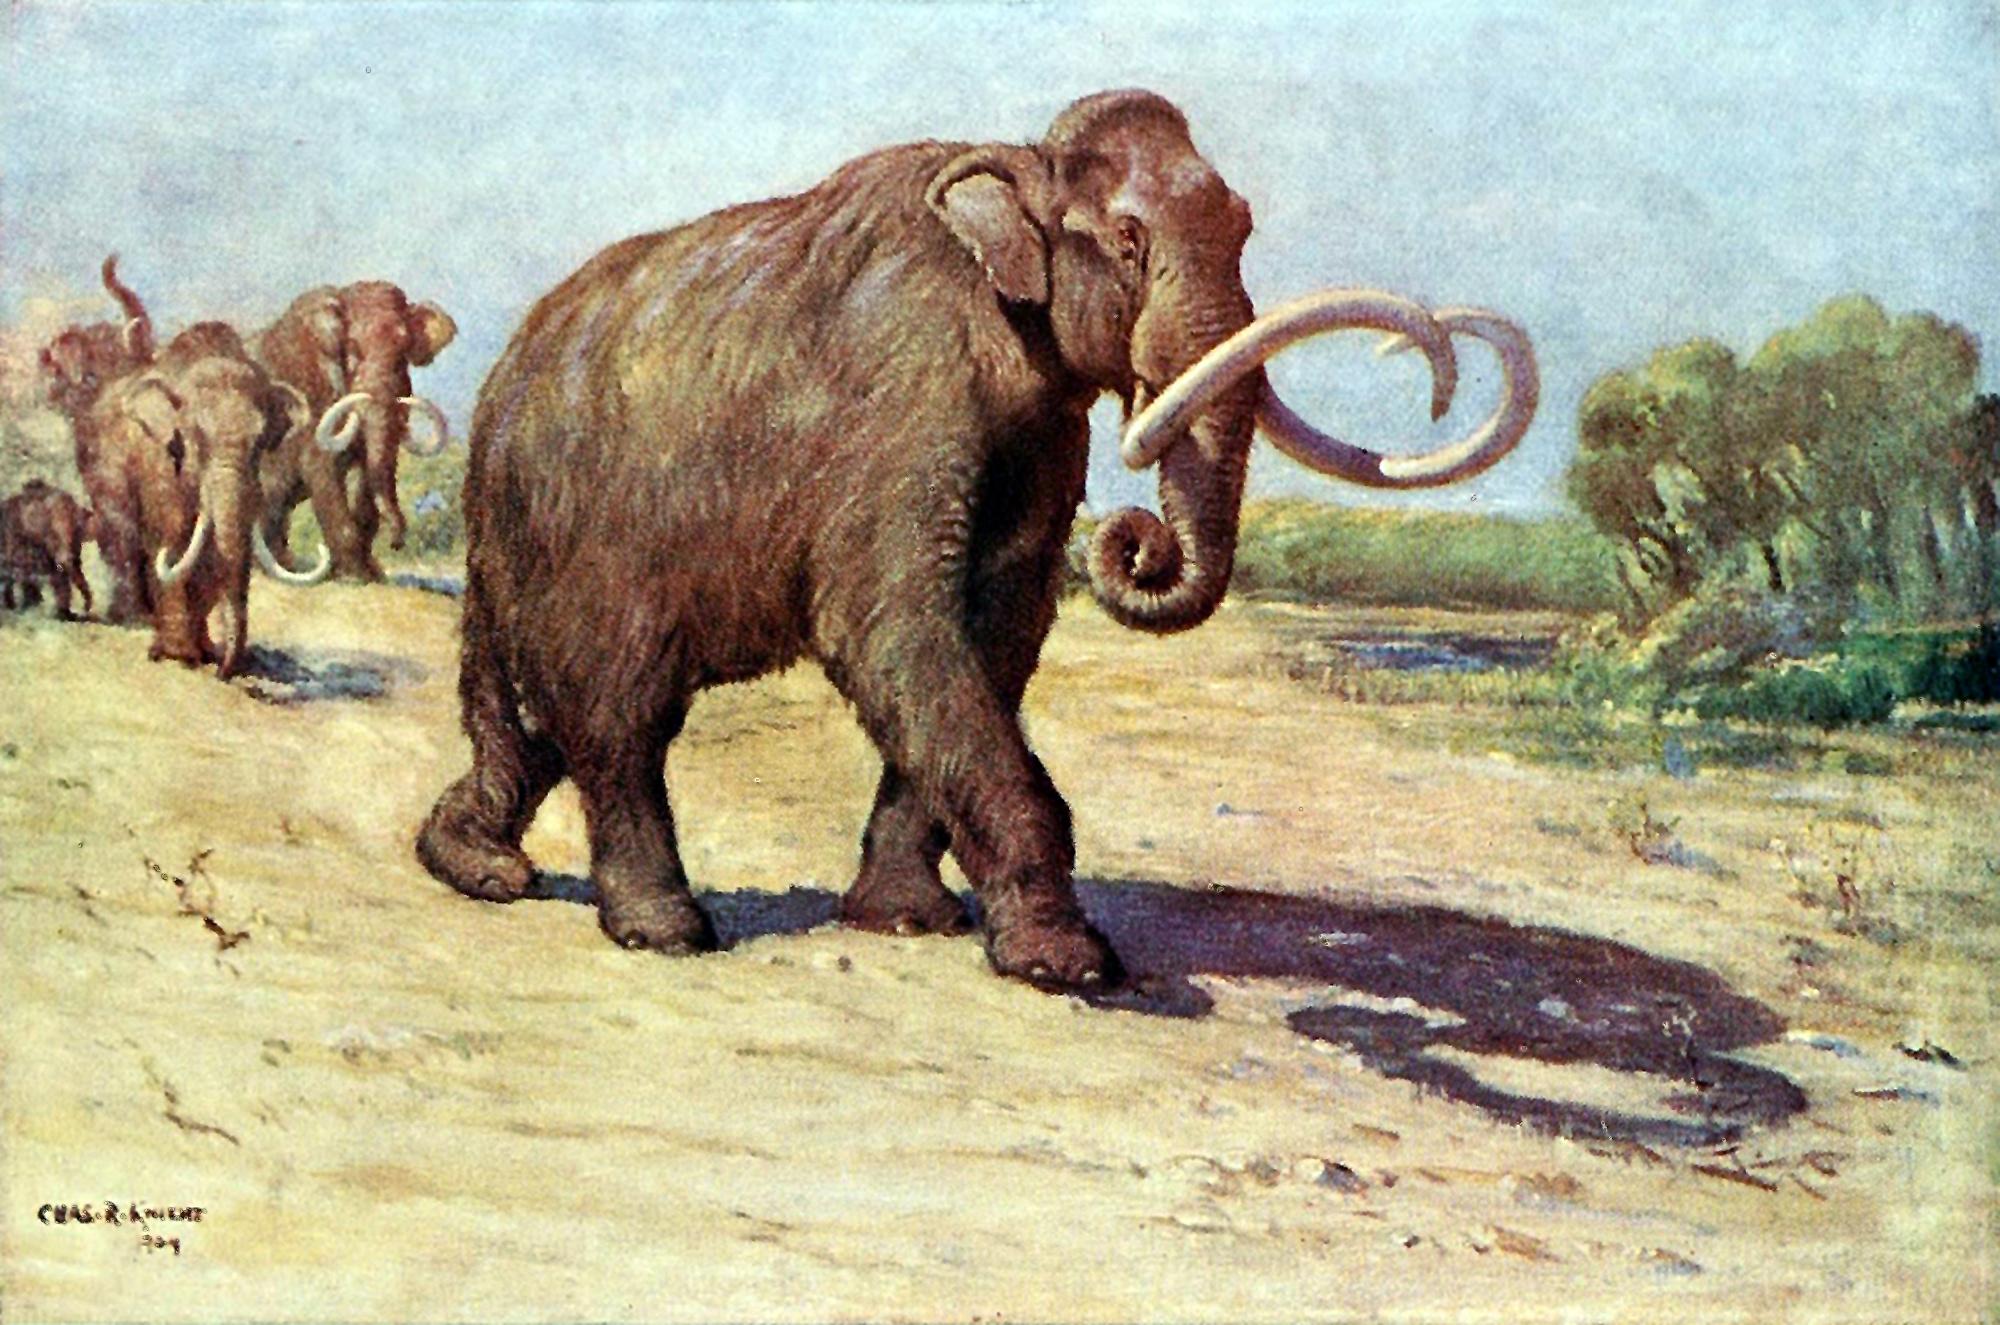 Los mamuts podrían ser especie protegida